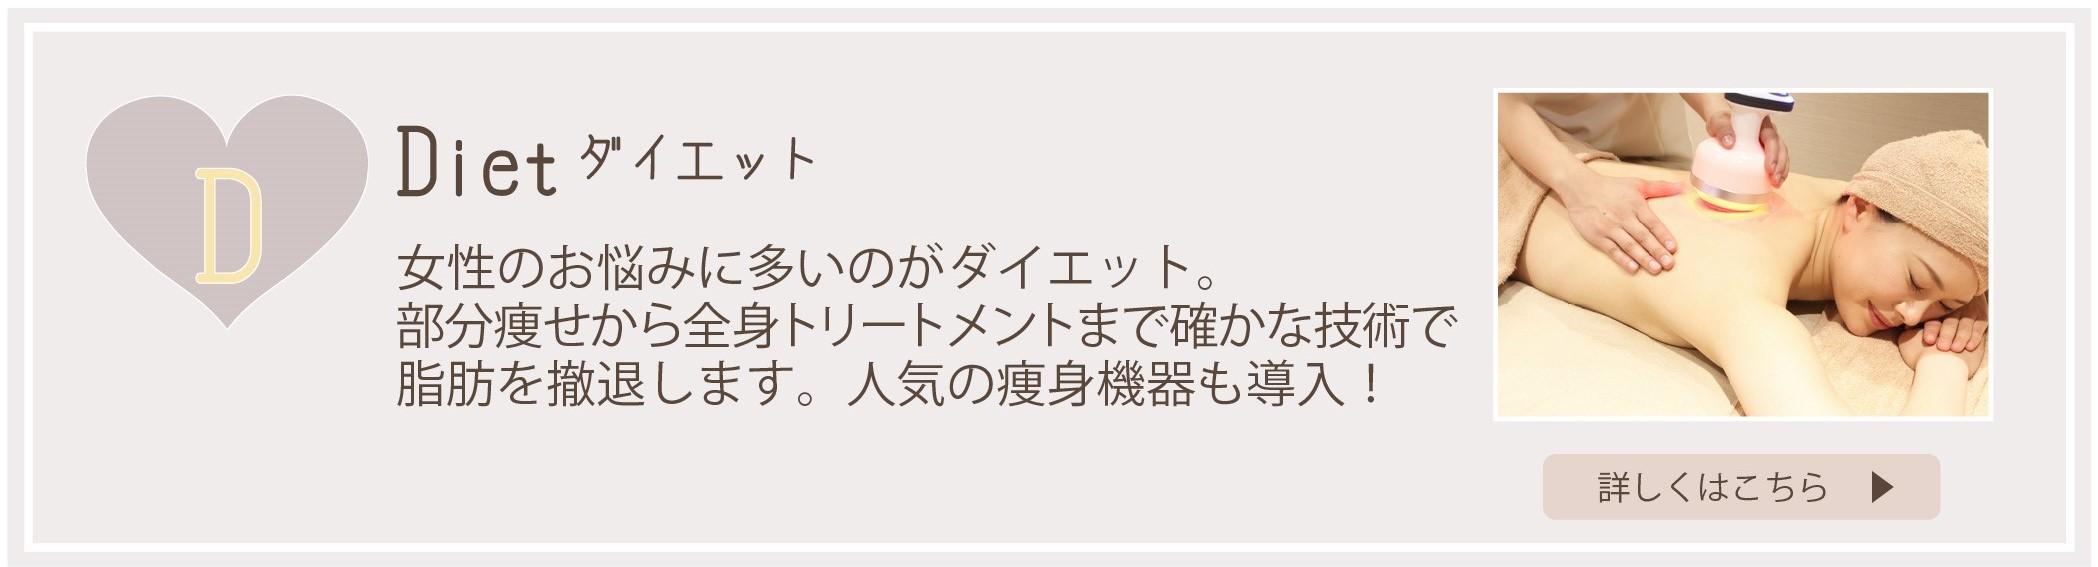 メインメニュー② (4)